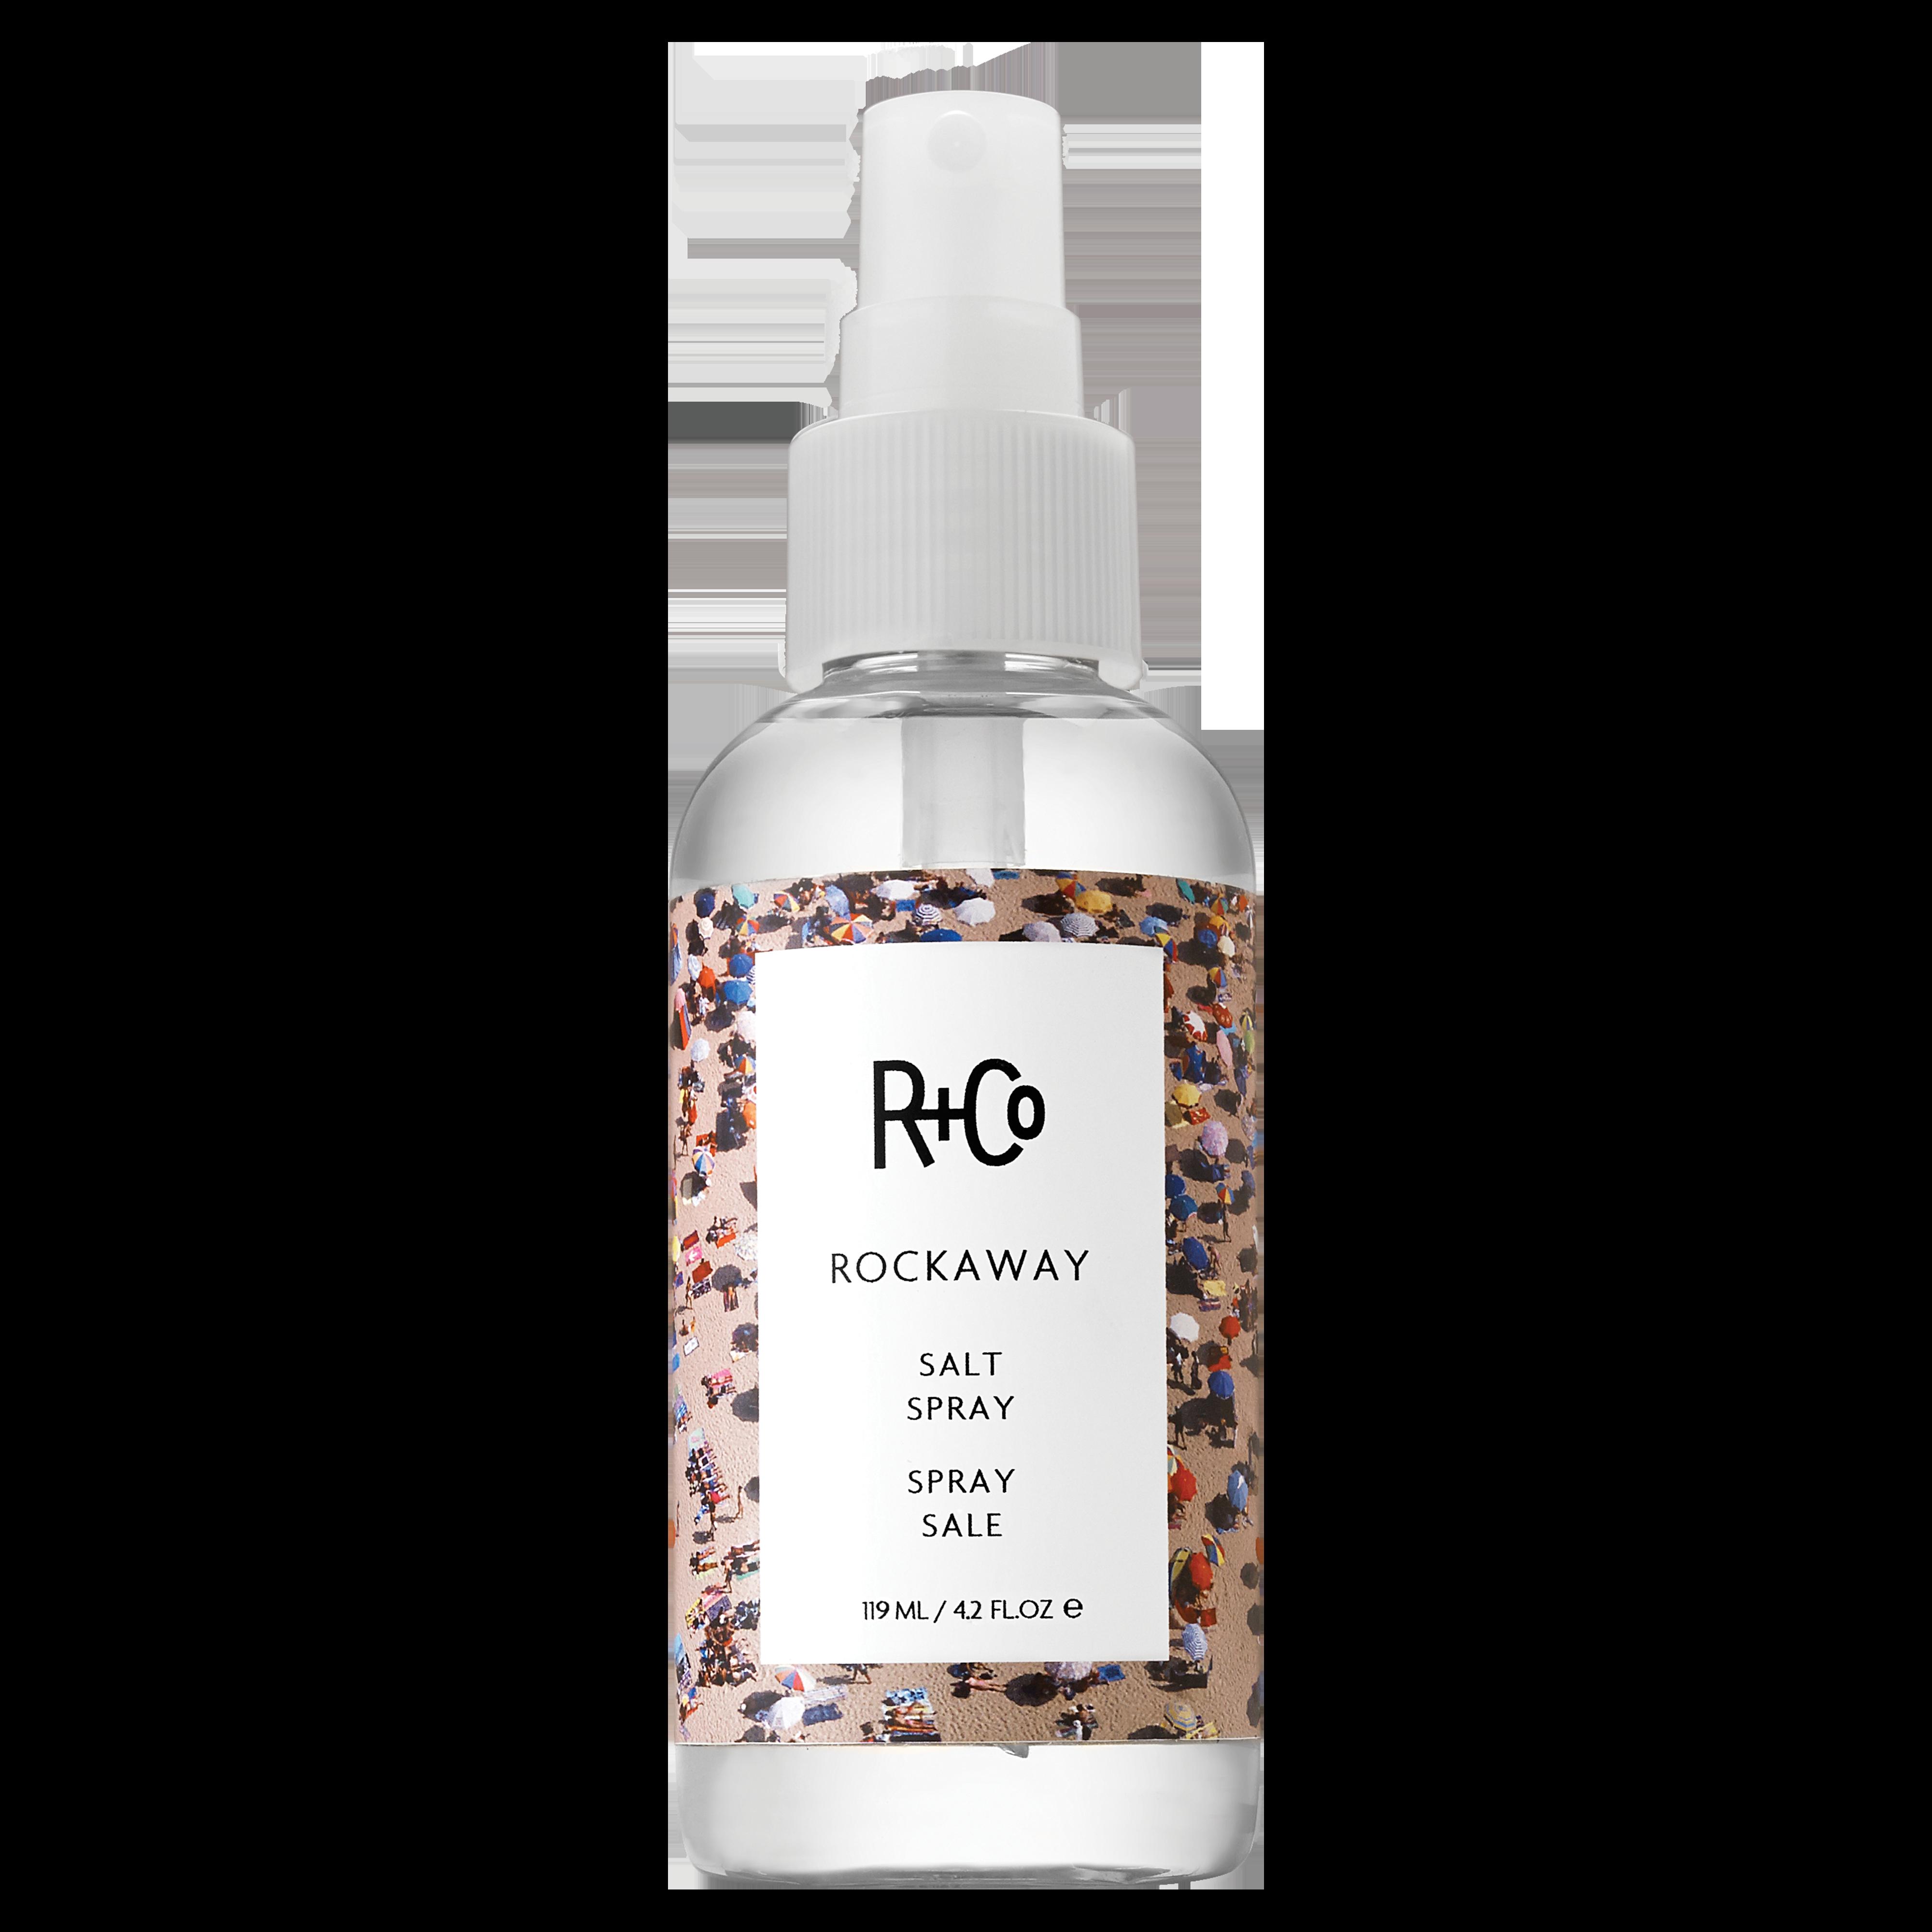 ROCKAWAY Salt Spray 119ml